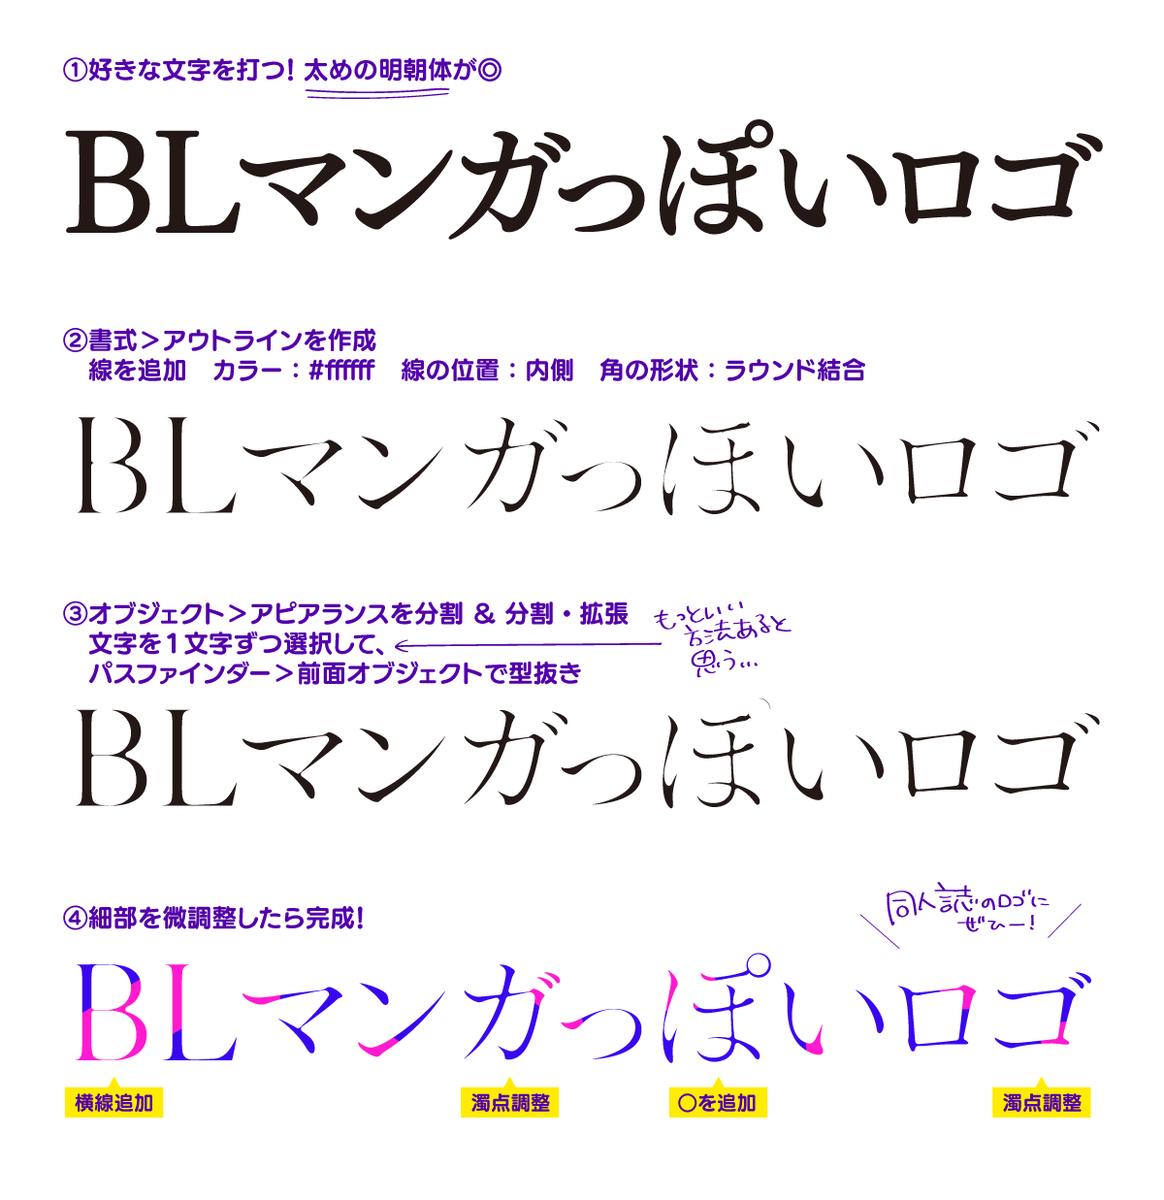 f:id:i_magawa:20200810190906p:plain